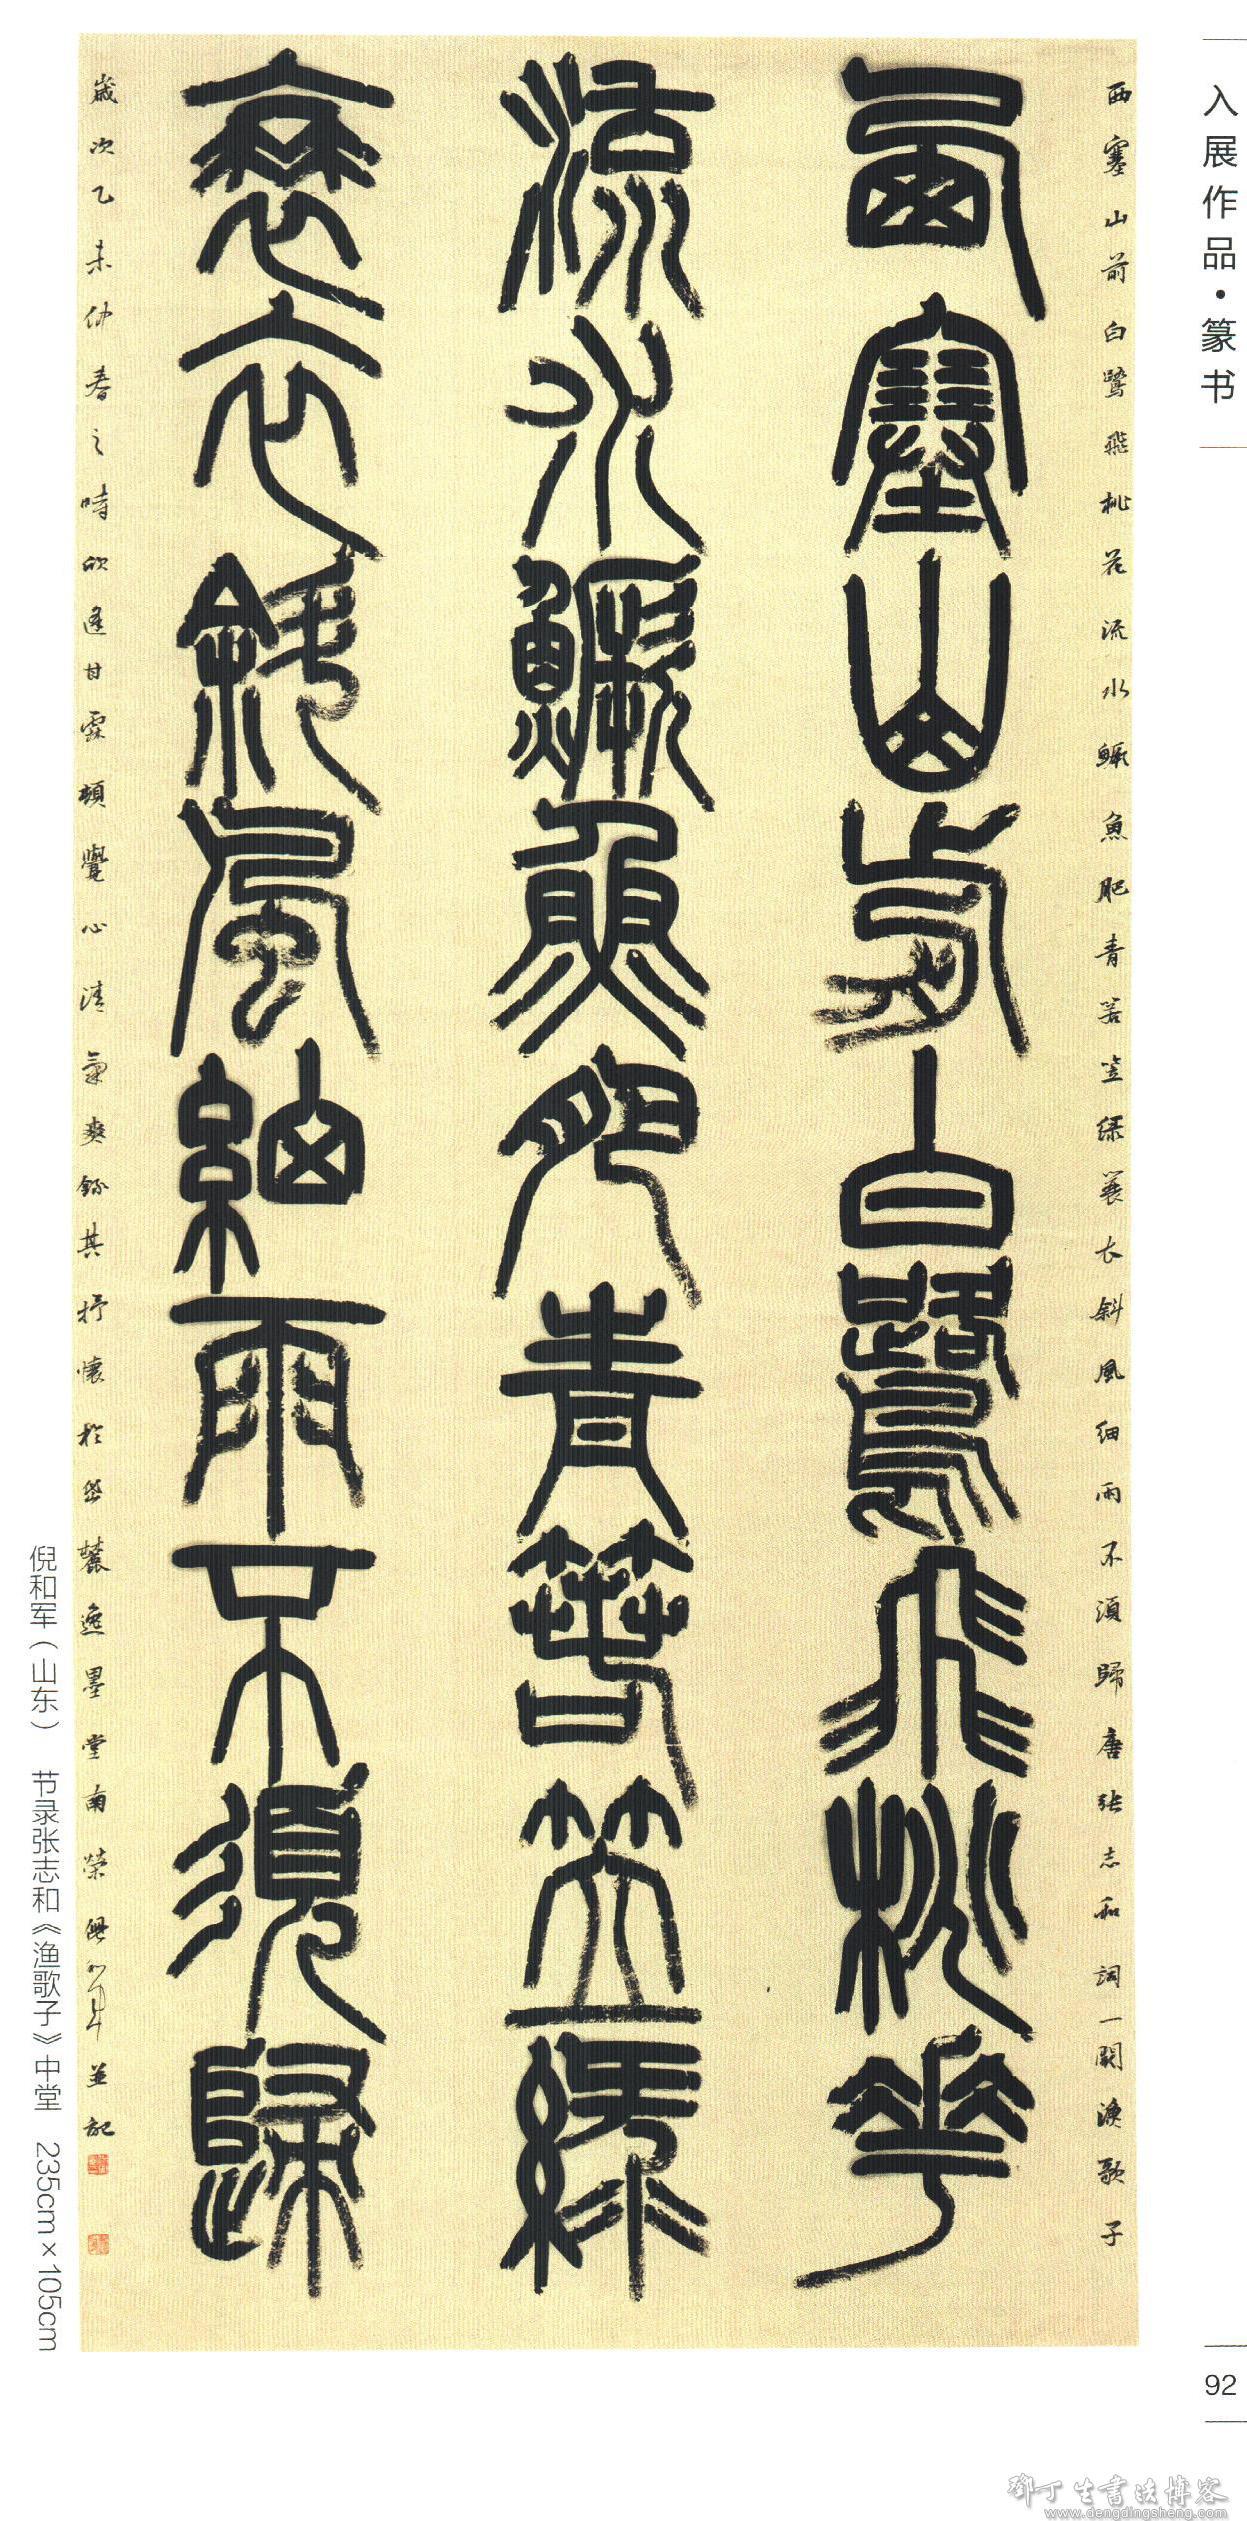 山东倪和军书法作品欣赏 含国展篆书作品 国展篆书作品 邓丁生书法博客